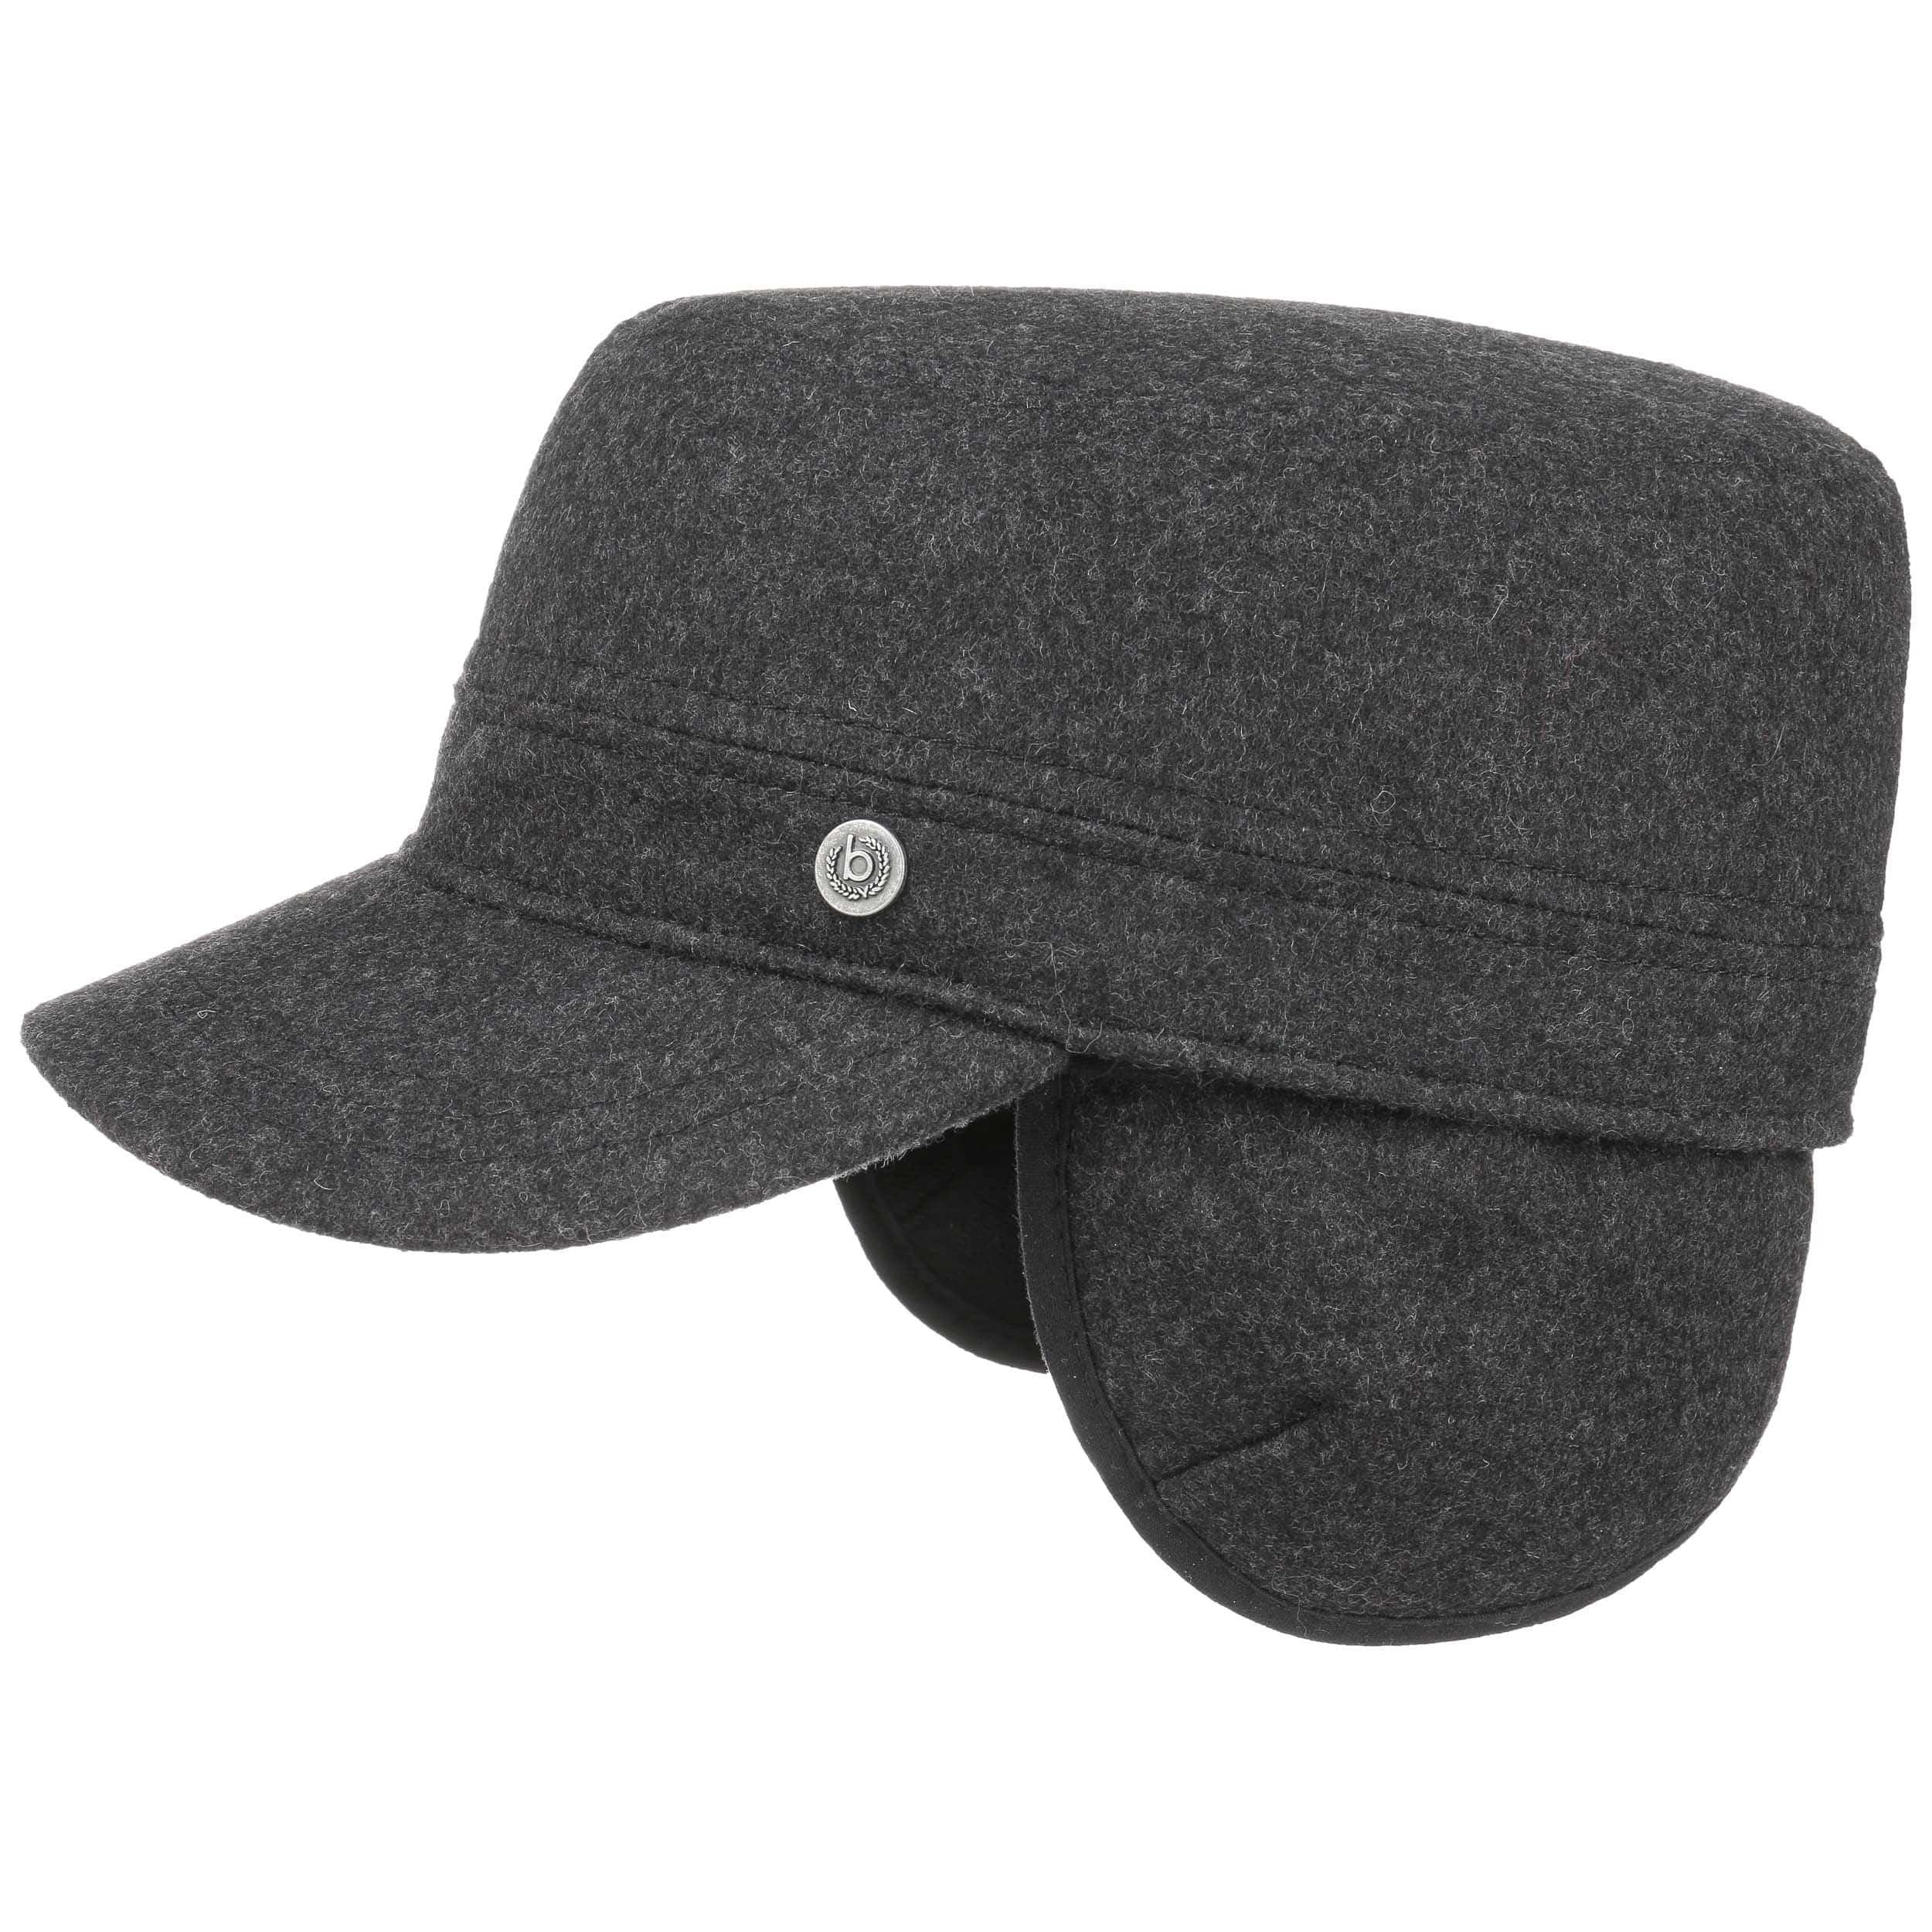 Windstopper Earflap Army Cap by bugatti